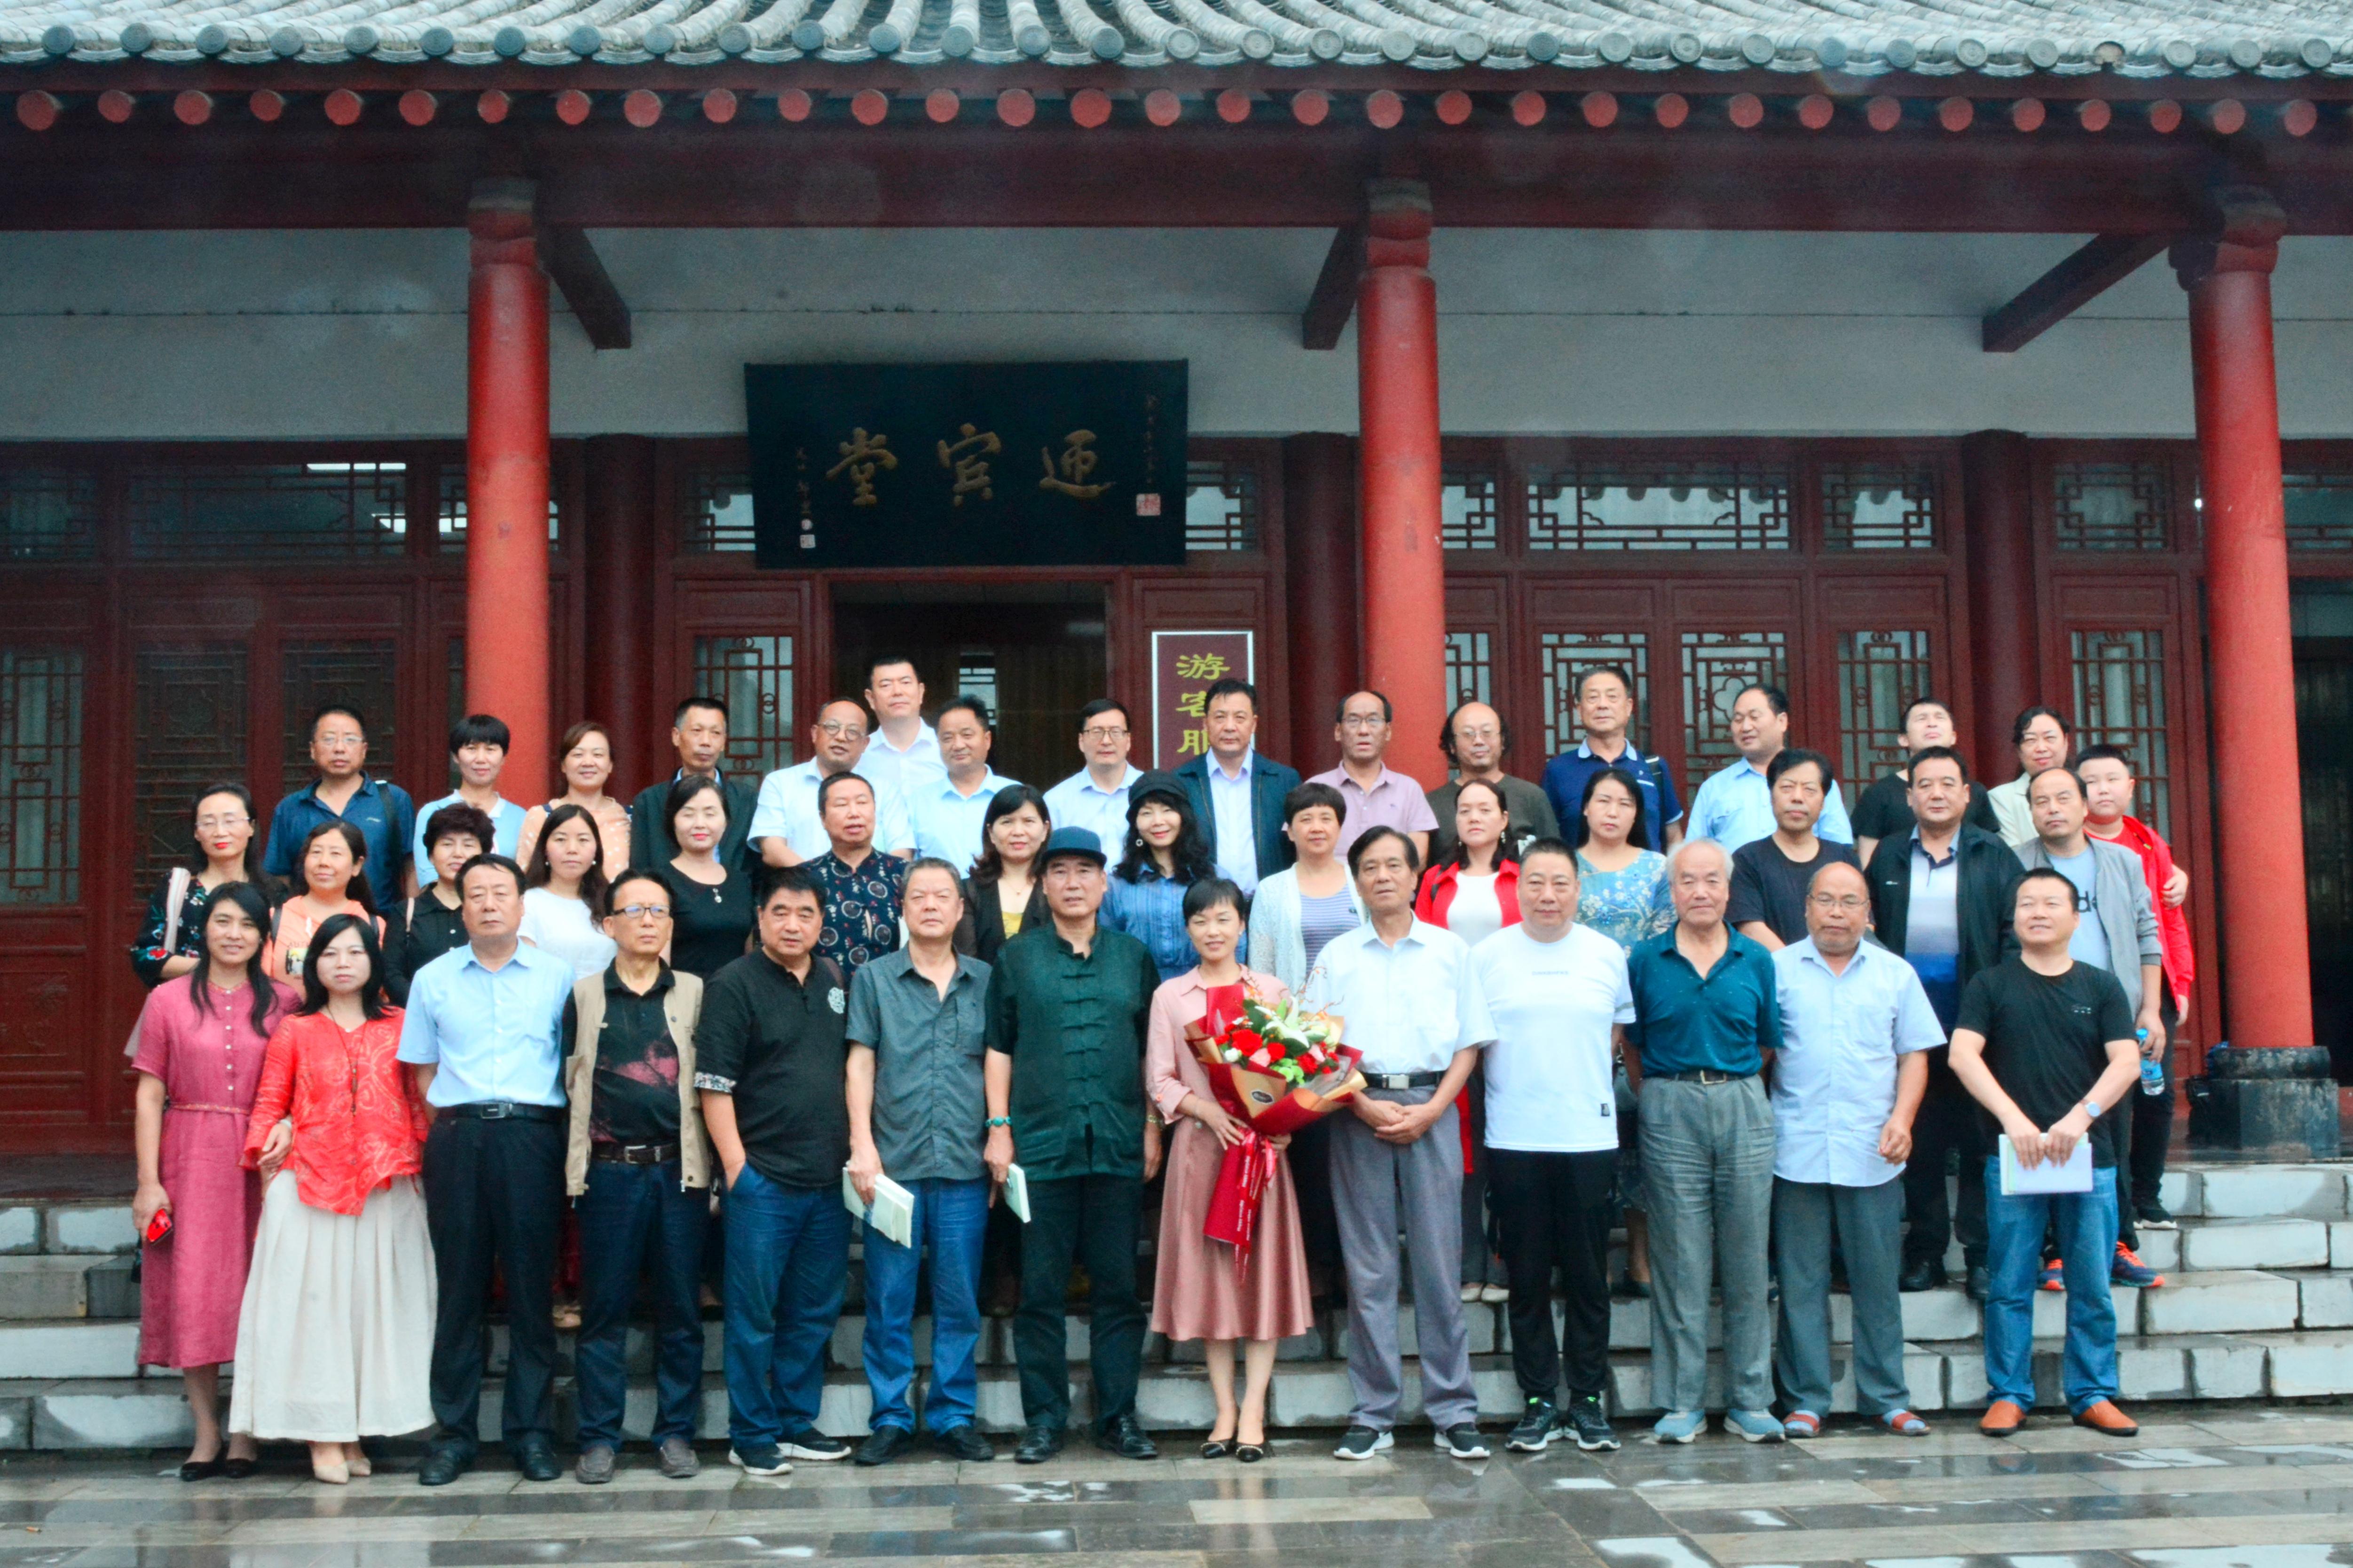 咸阳:新时代乡村散文创作研讨暨张艾散文集《艾语》分享会举办